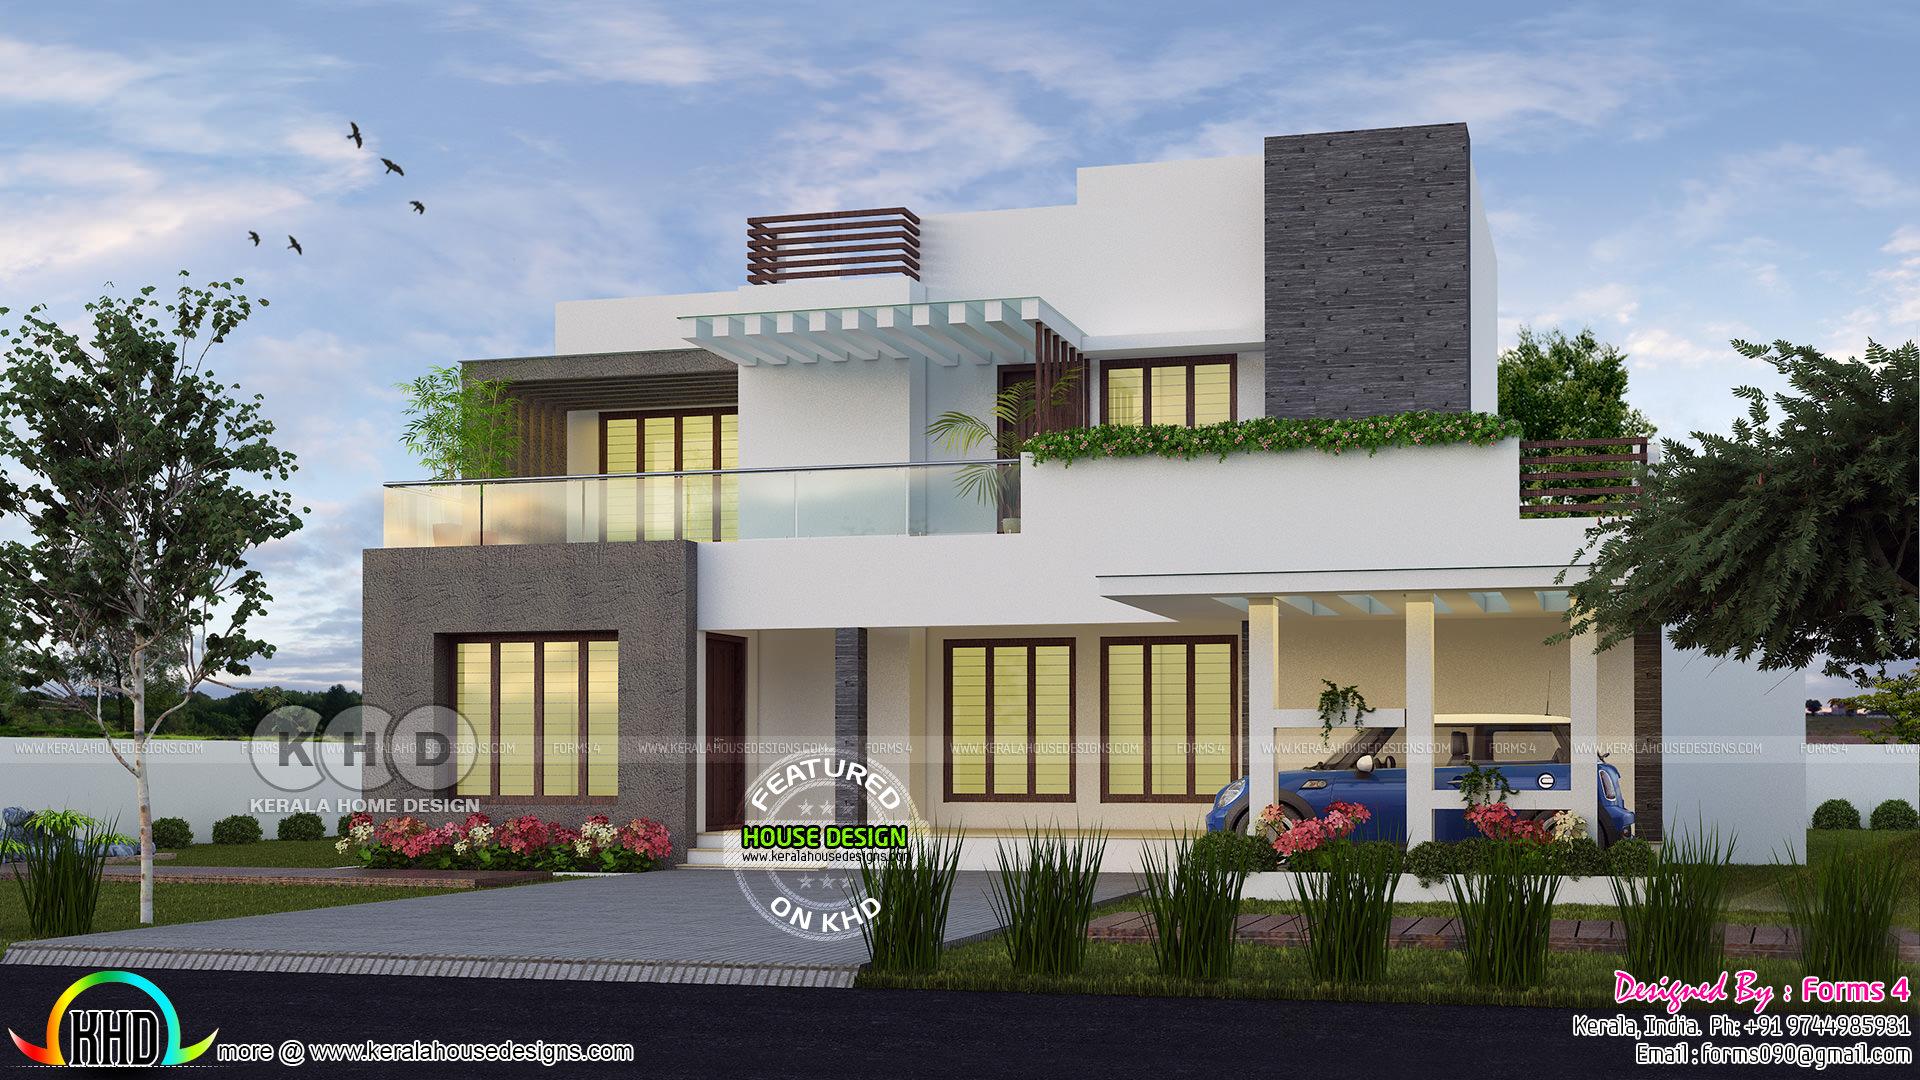 30 Lakhs Rupees Cost Estimated Modern House – Migliori Pagine da